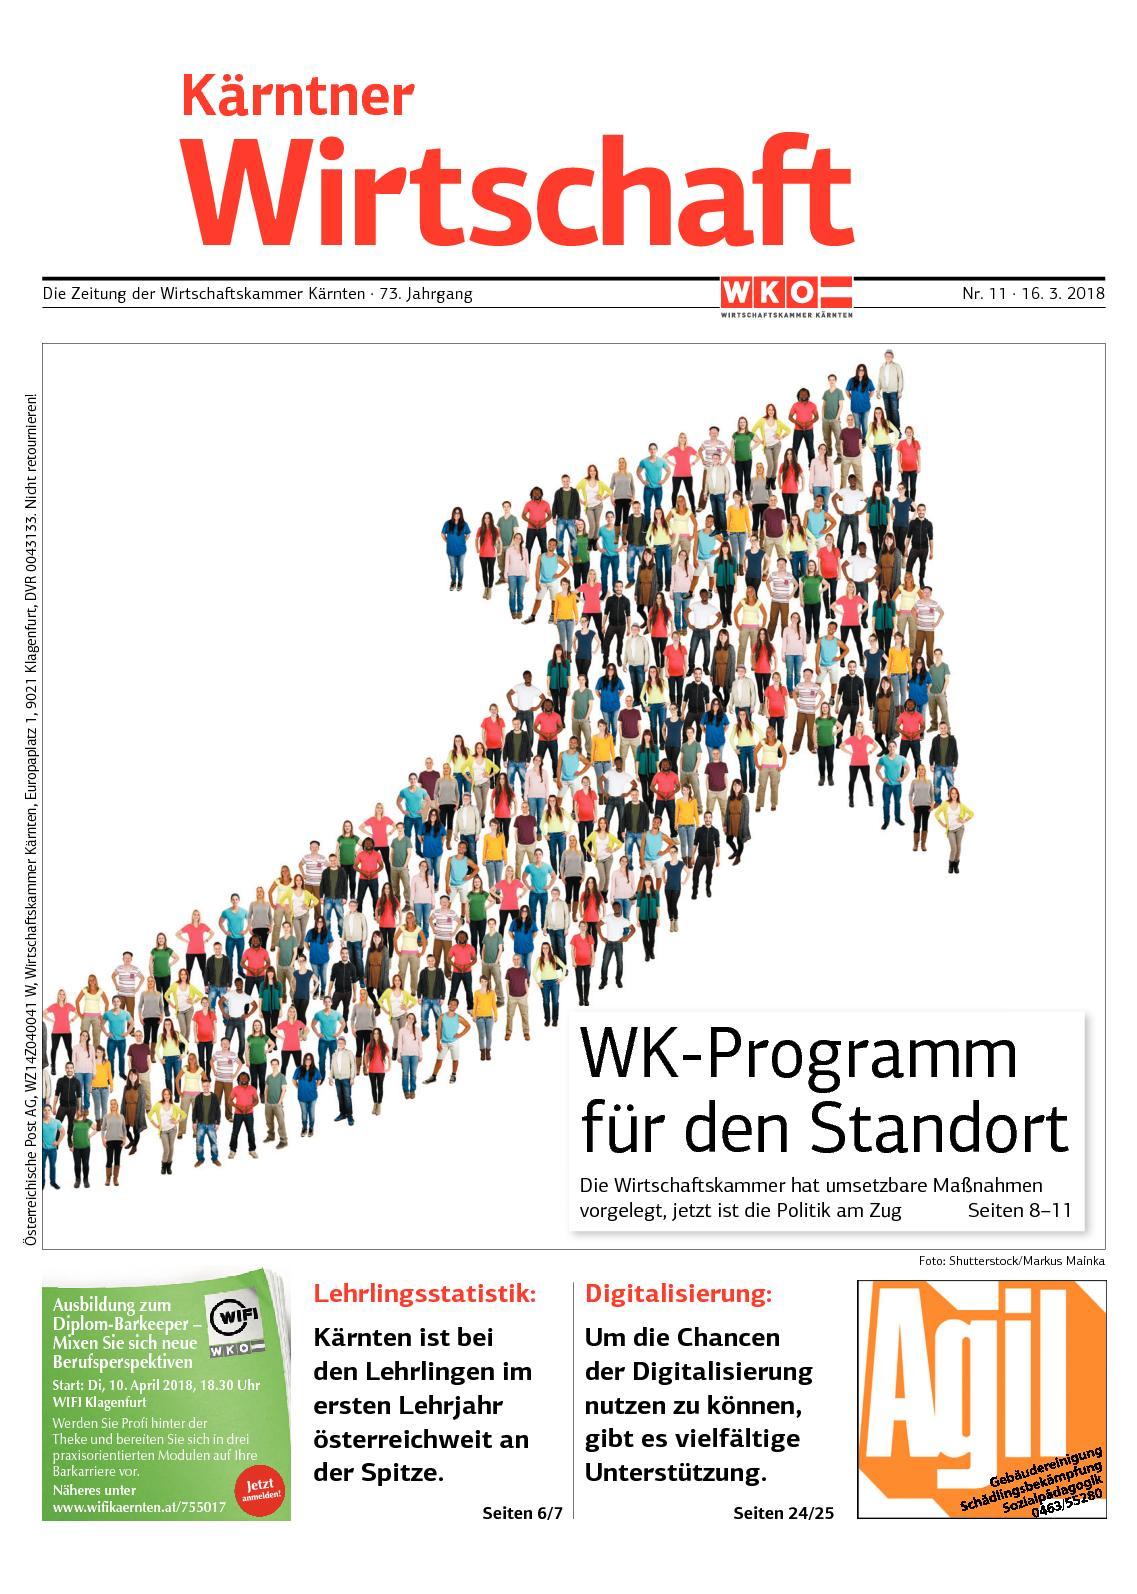 Bingo Teilnehmende Bundesländer Lebensunterhalt verdienen -480806